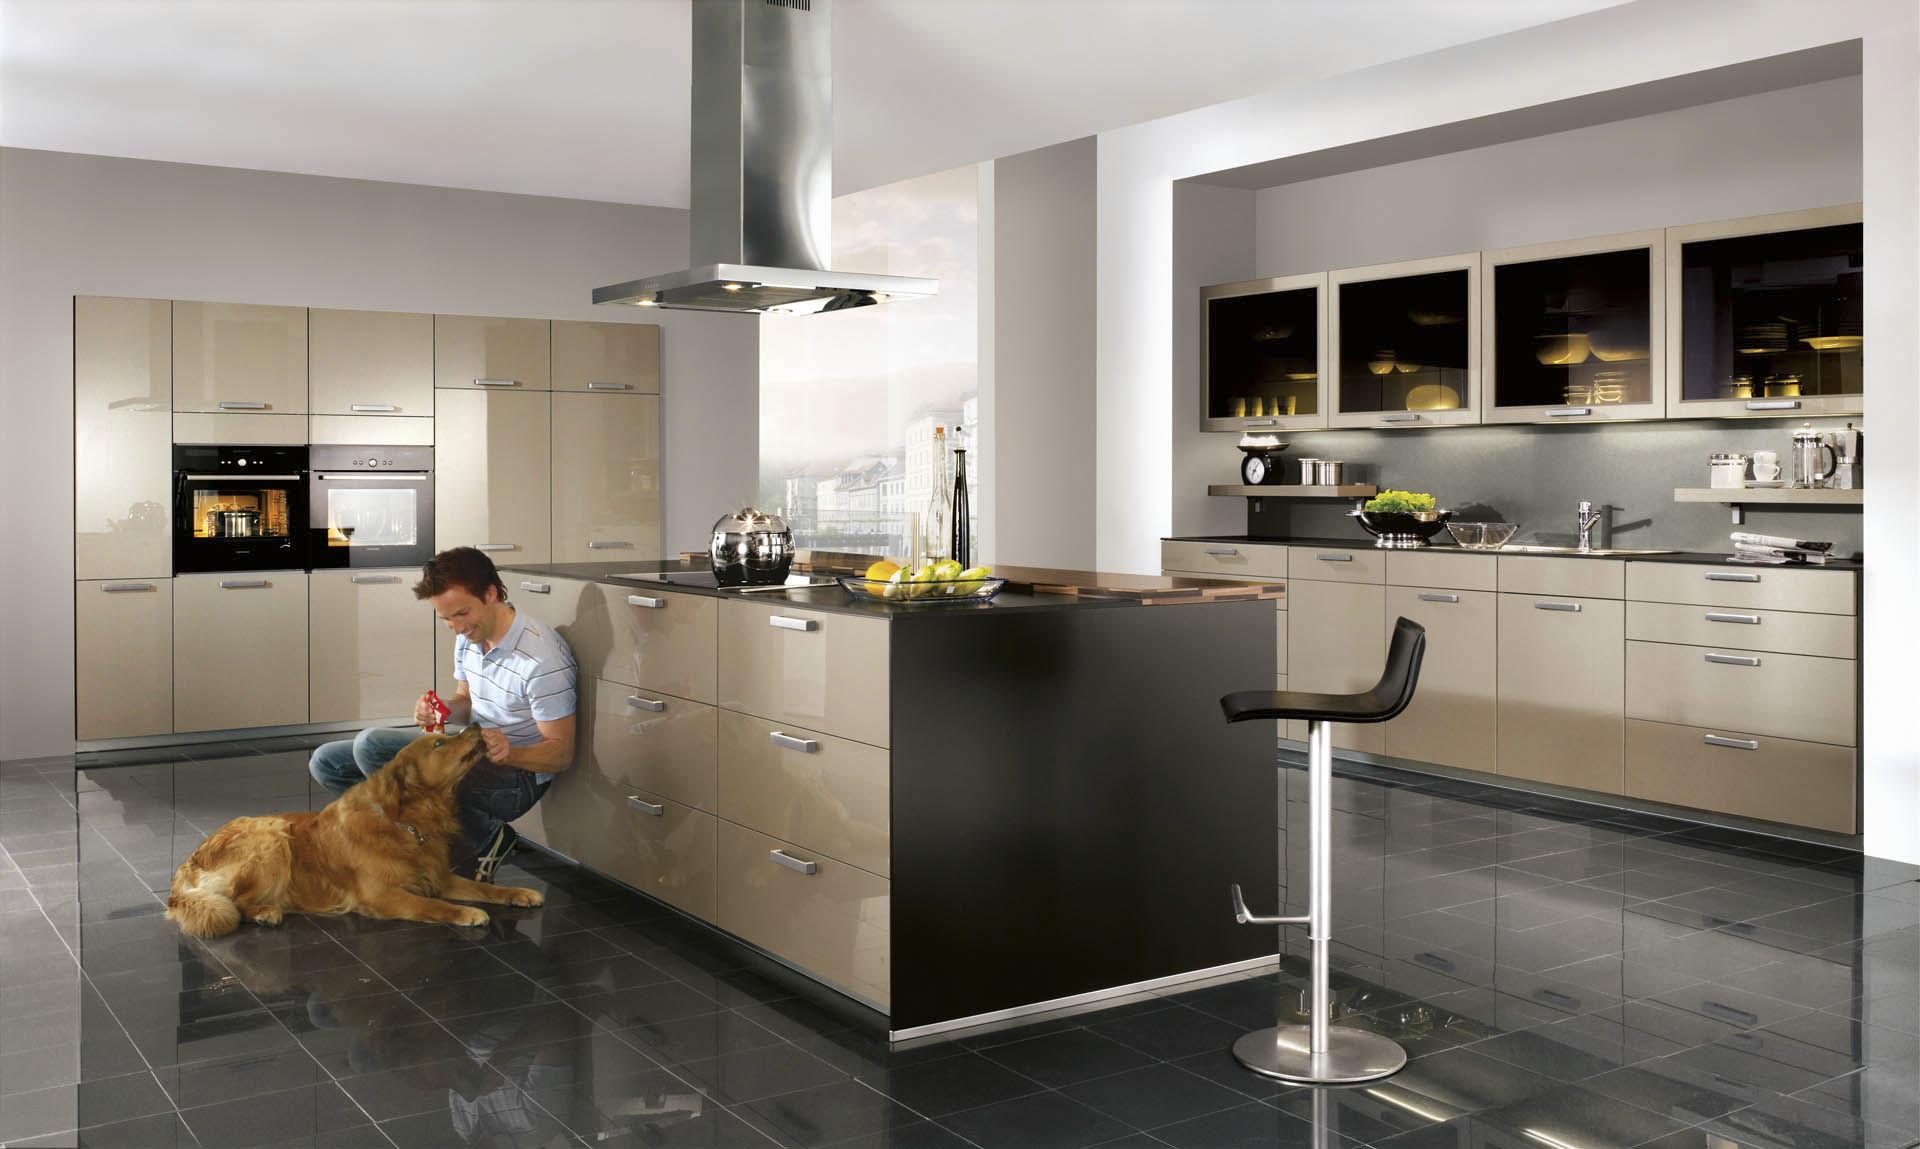 Ventajas y desventajas de tener una isla en la cocina | Loredo Muebles